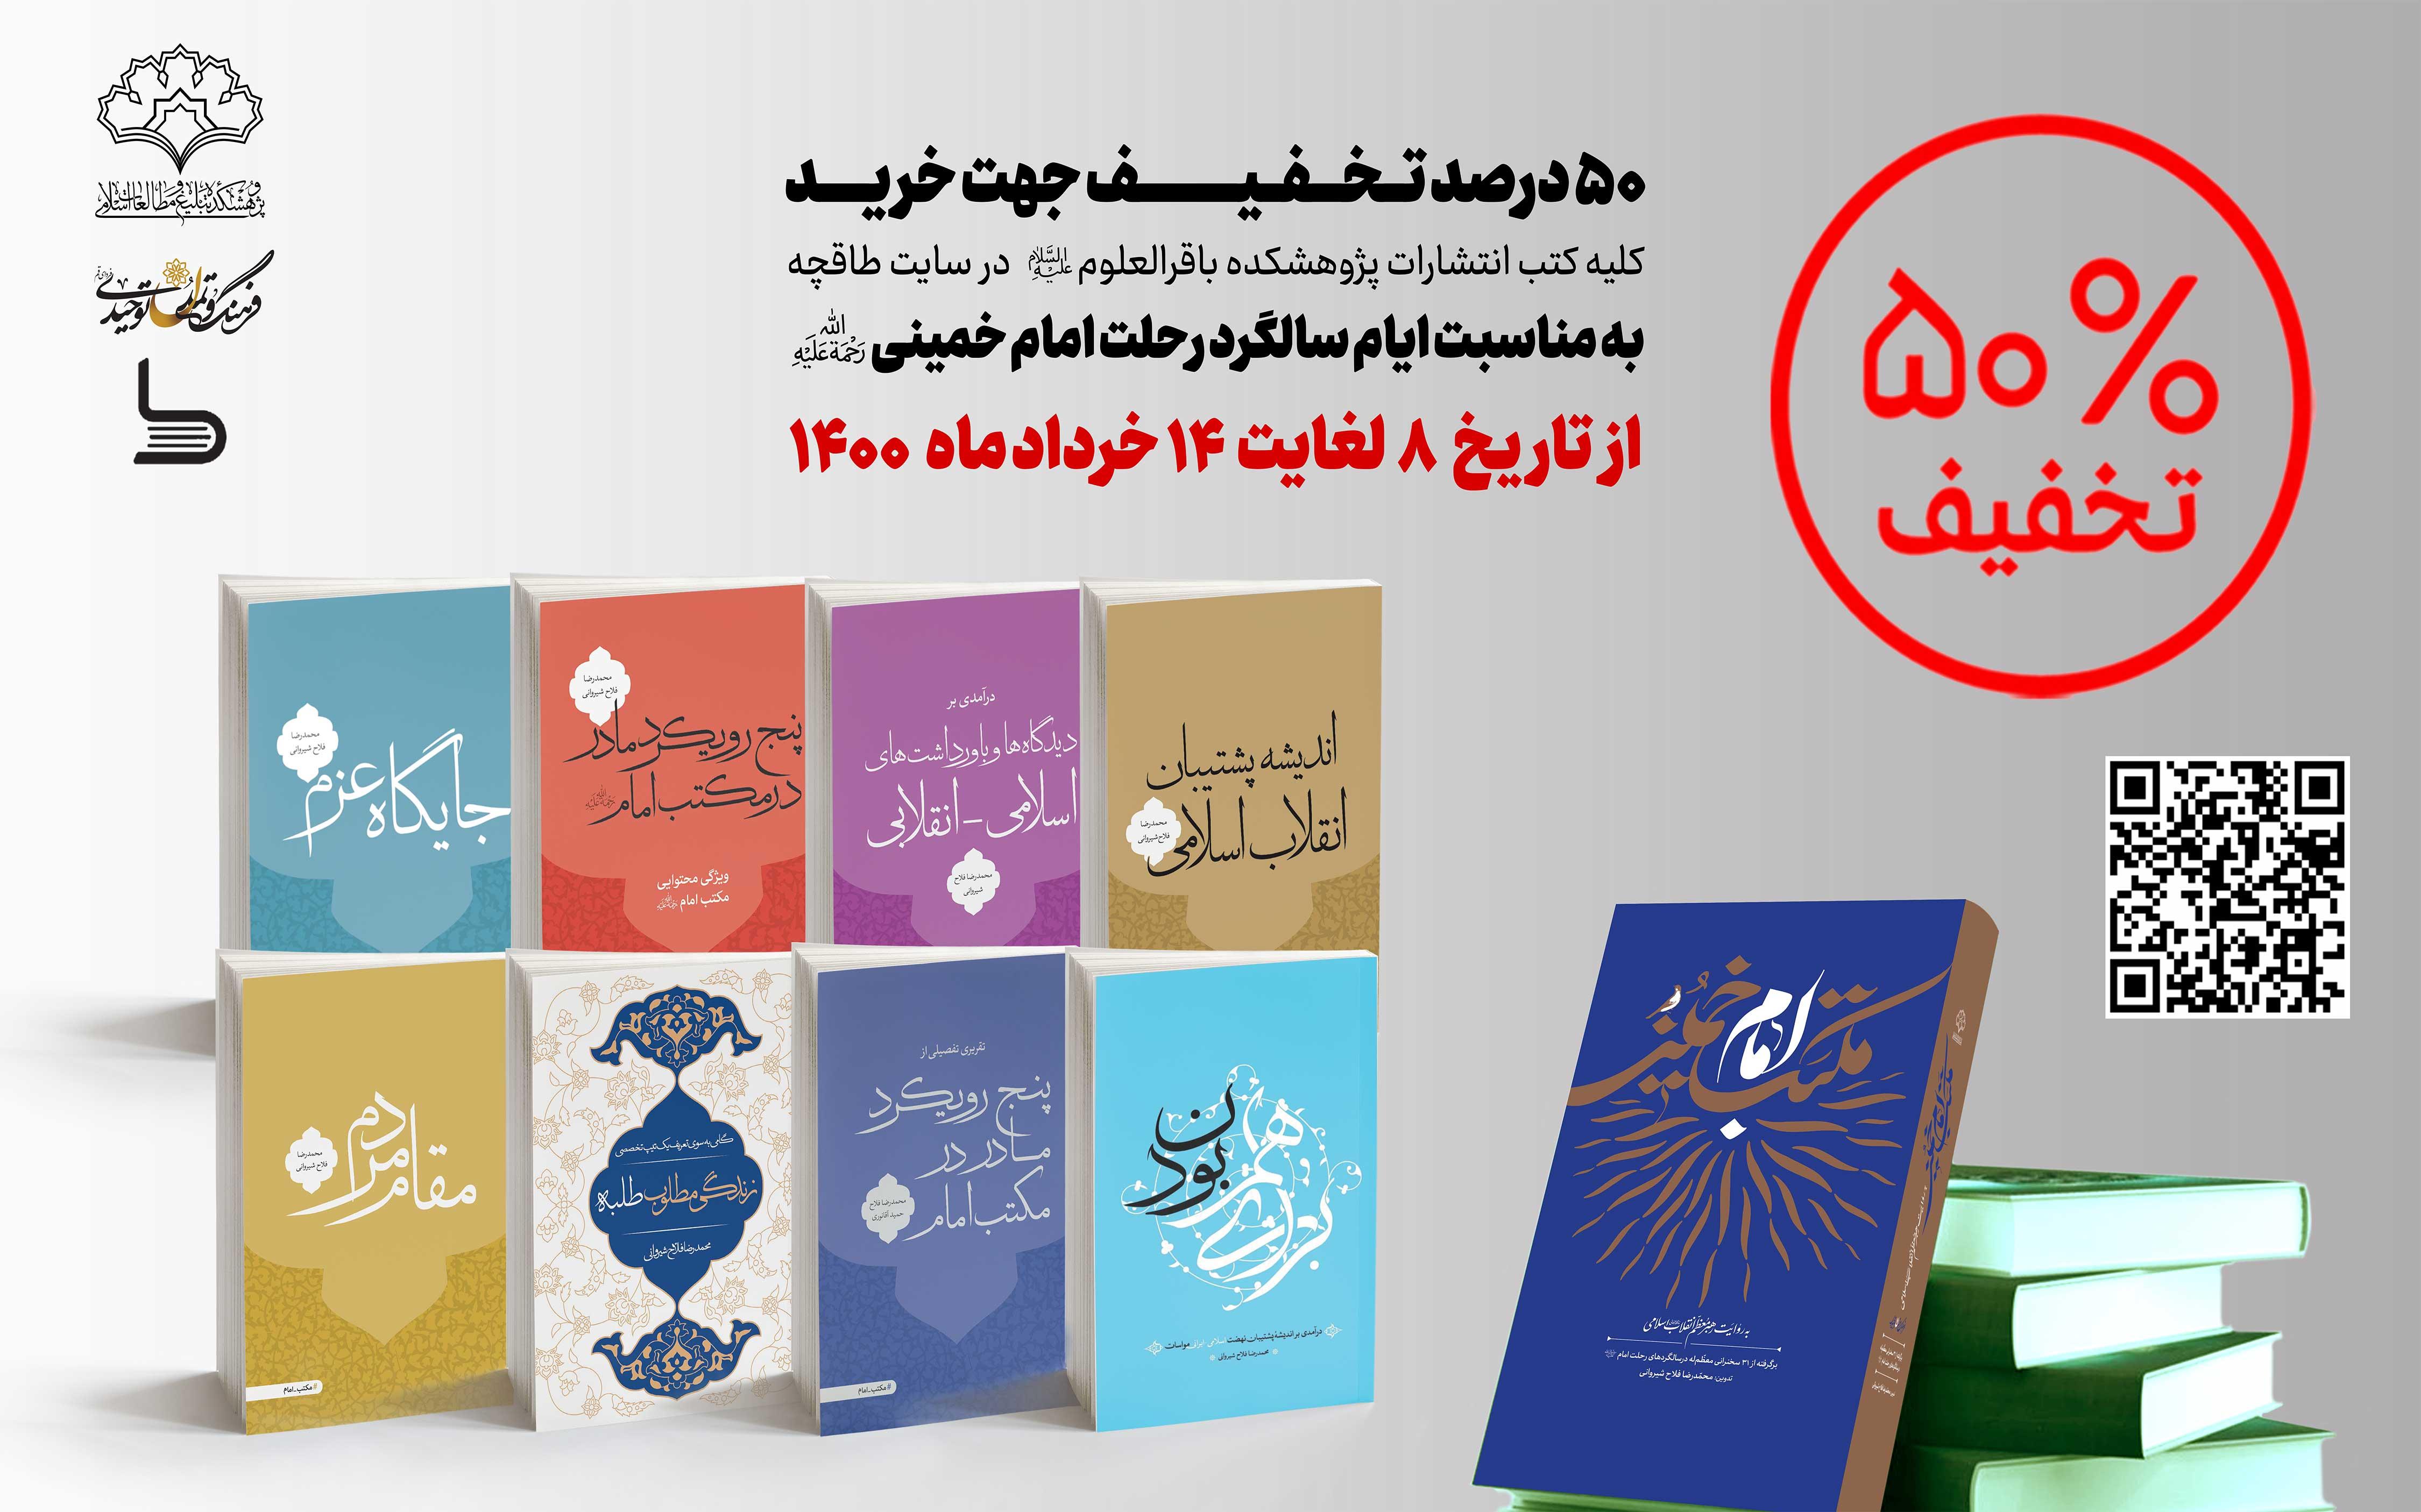 50% تخفیف خرید کتاب به مناسبت ایام سالگرد رحلت امام خمینی (ره)